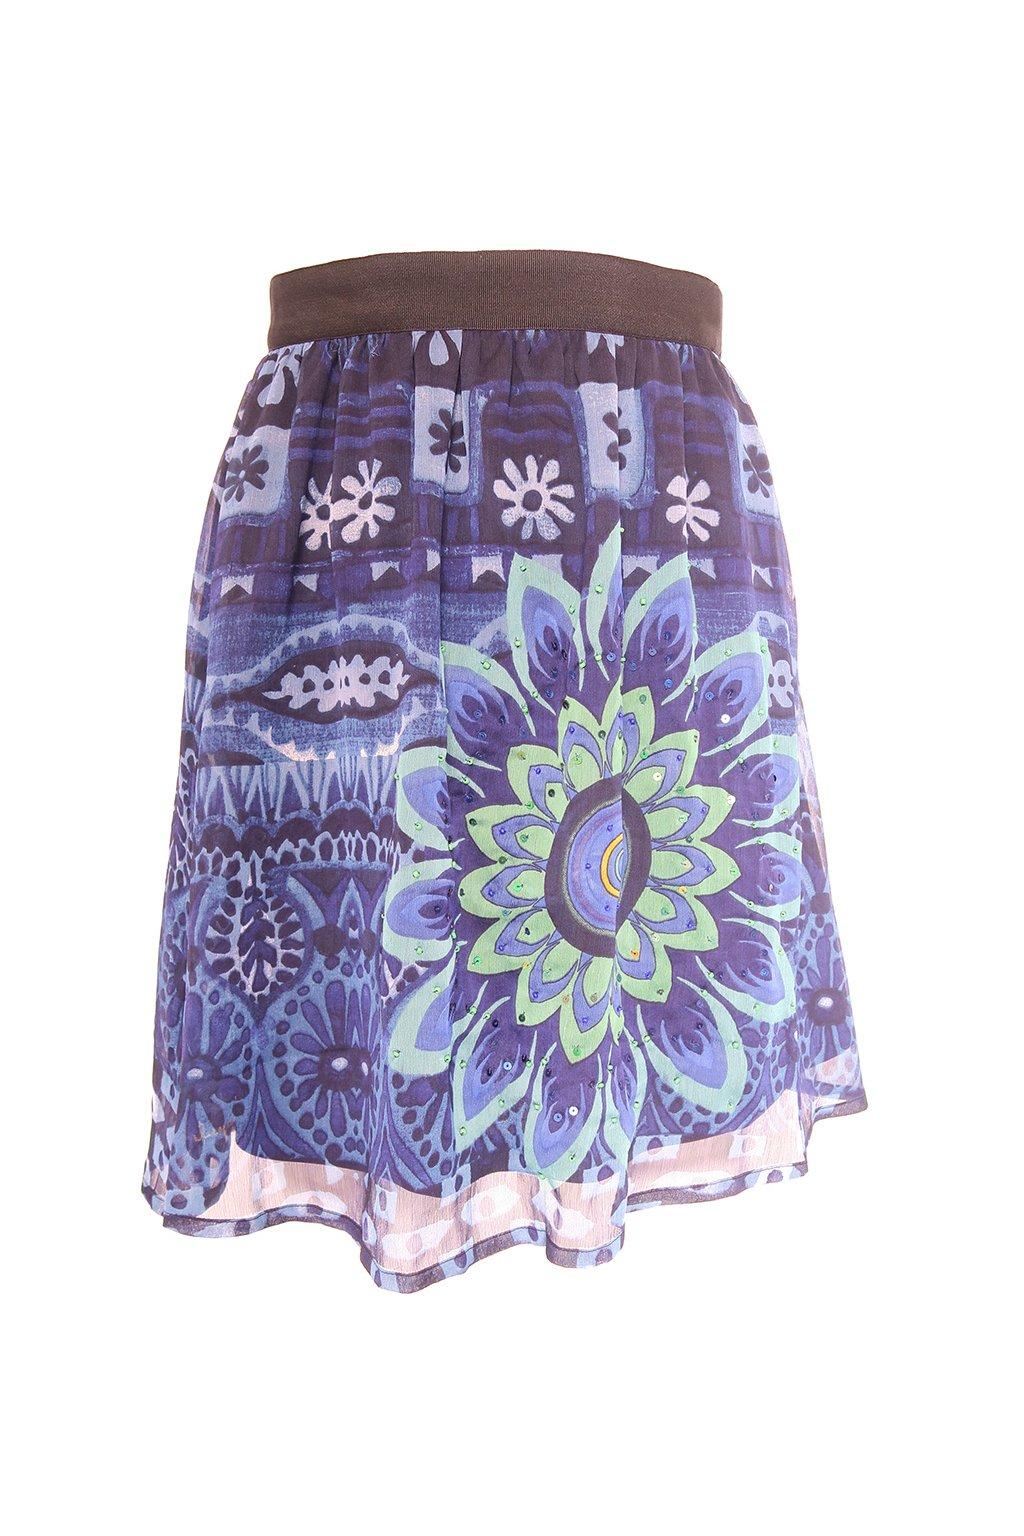 Desigual modrozelená sukně